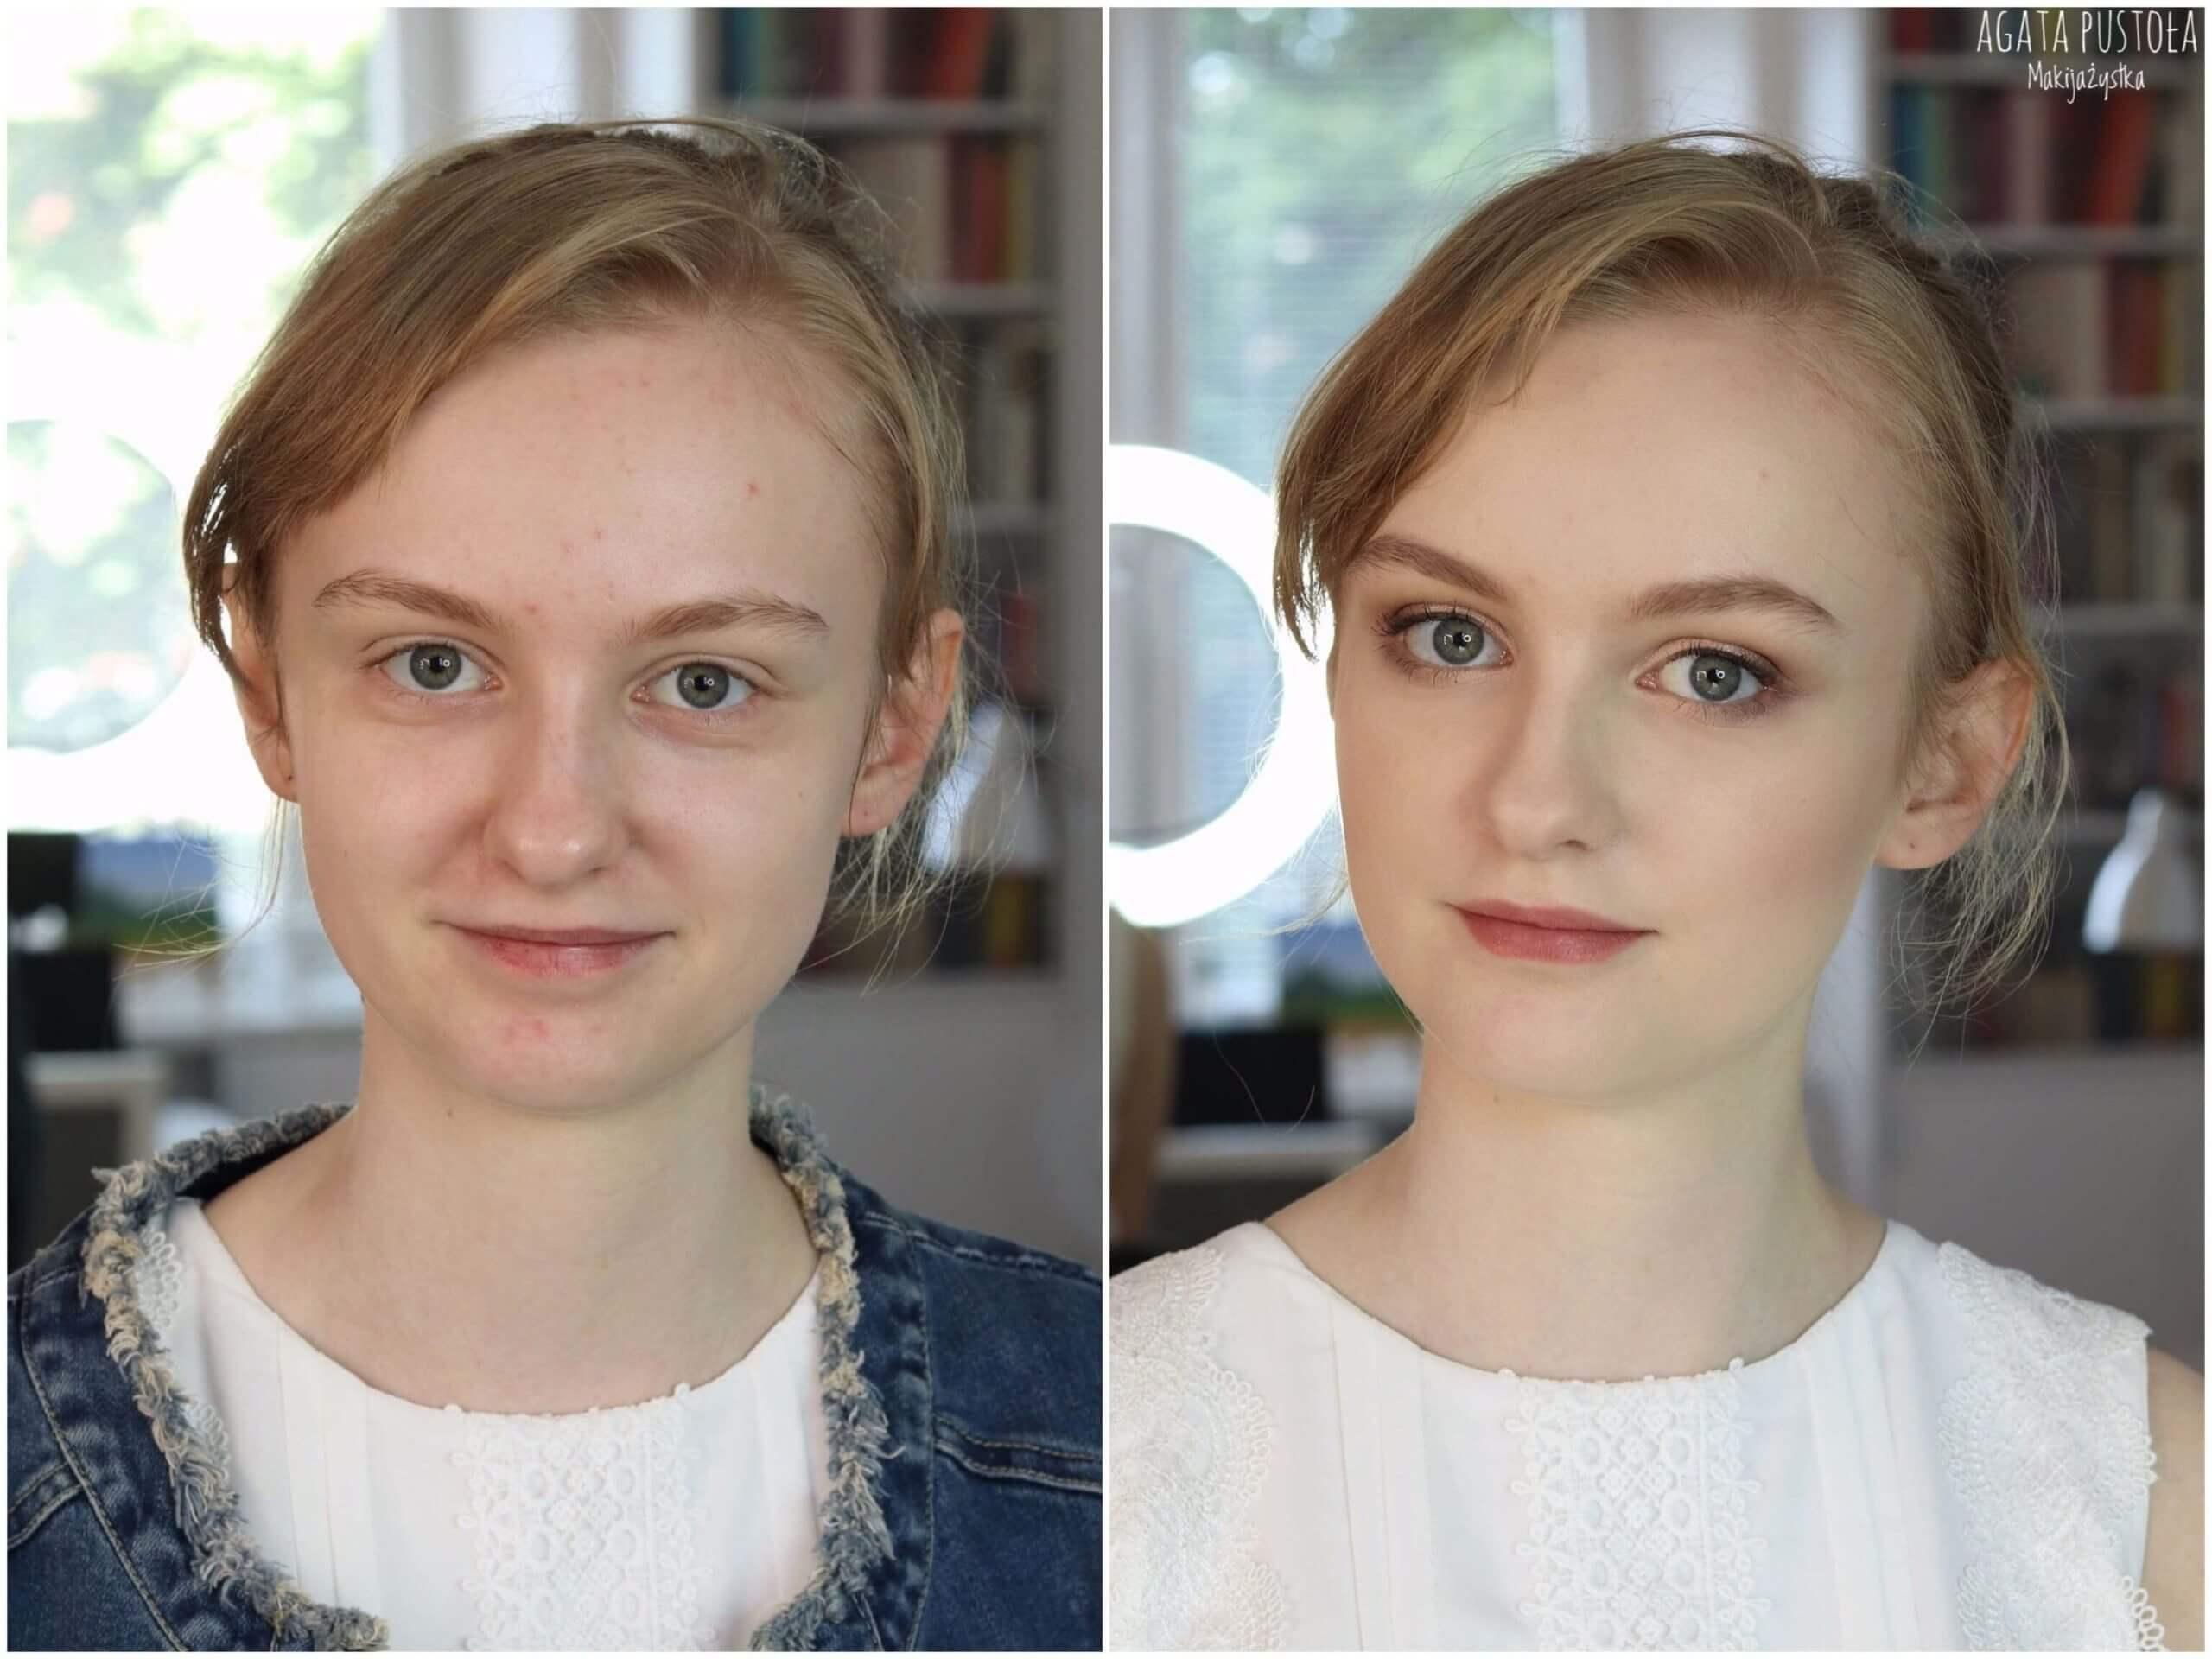 Agata Pustoła Makijażystka Warszawa makijaż nastolatki delikatny